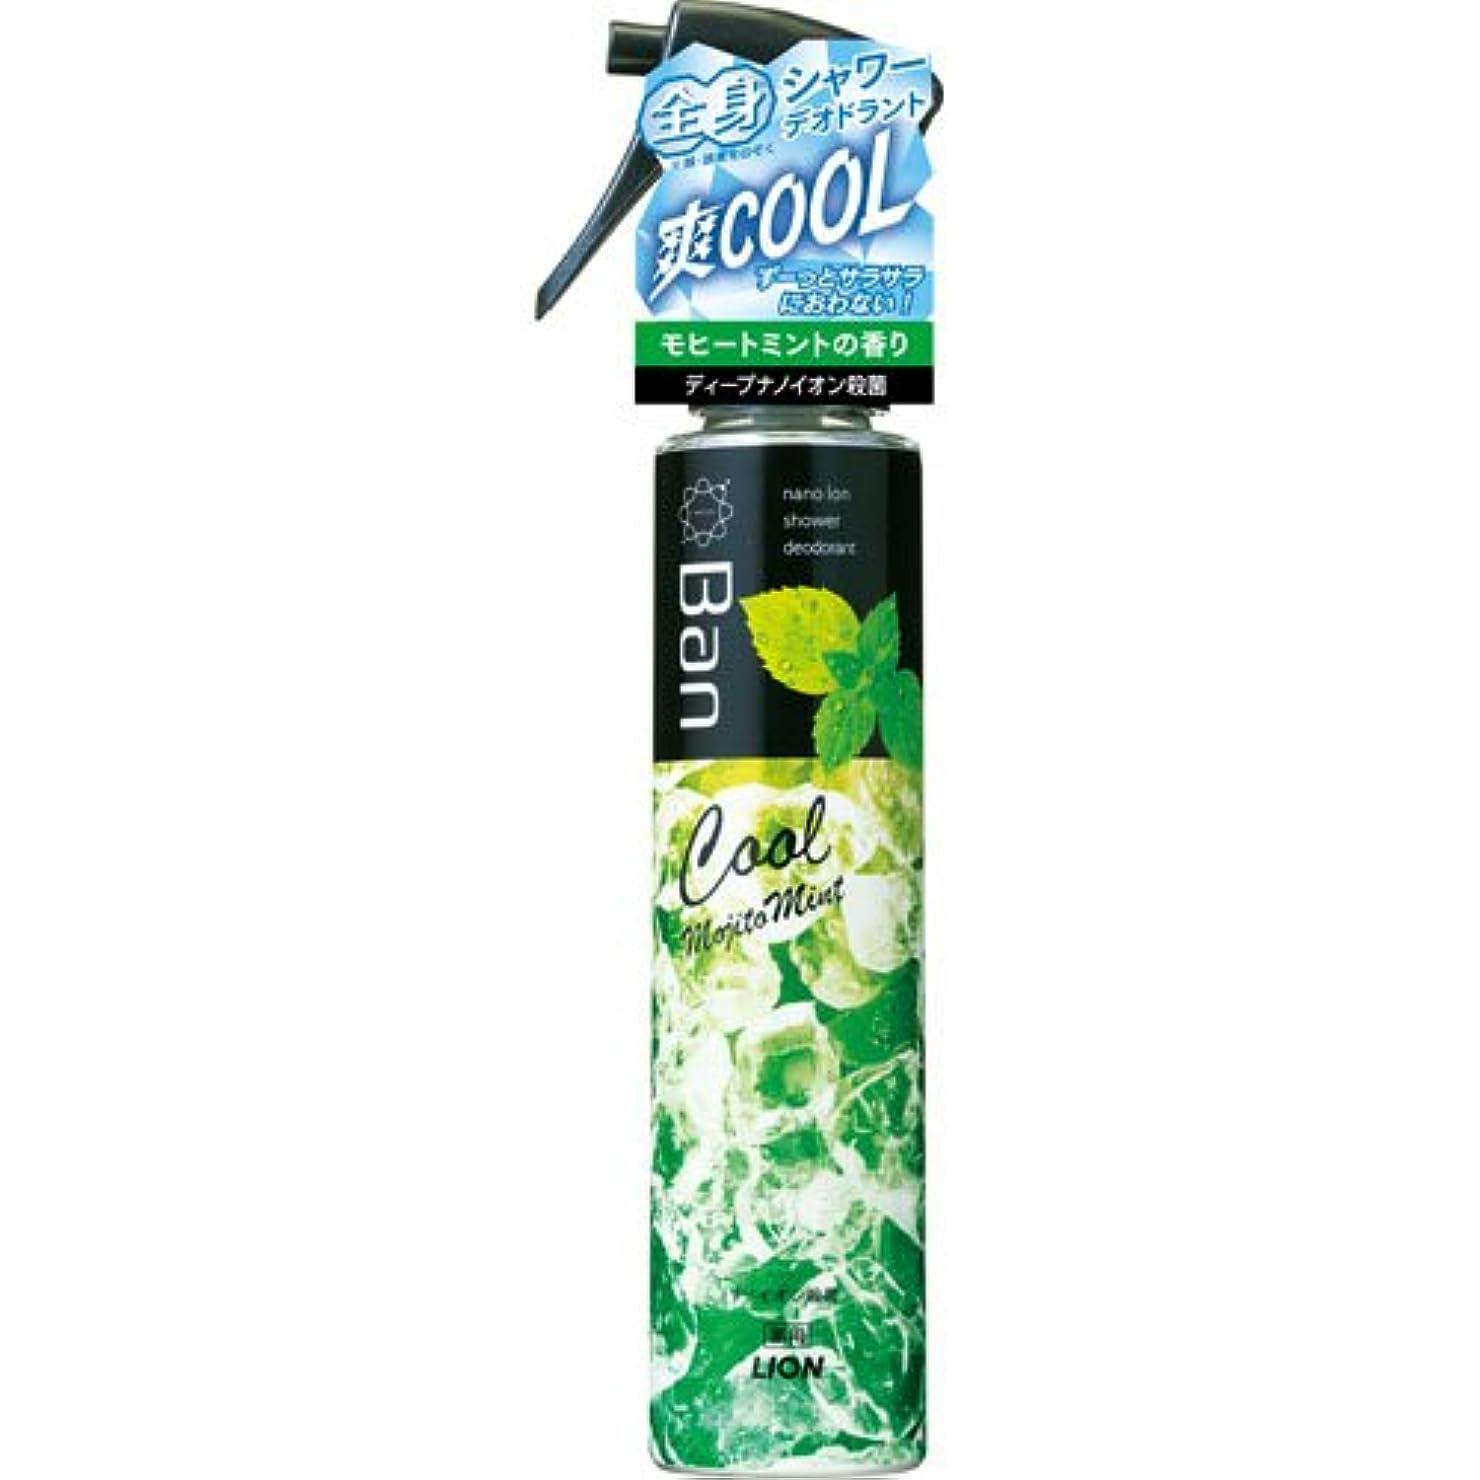 先例優先権アシスタントBan シャワーデオドラントクールタイプ モヒートミントの香り 120ml (医薬部外品)